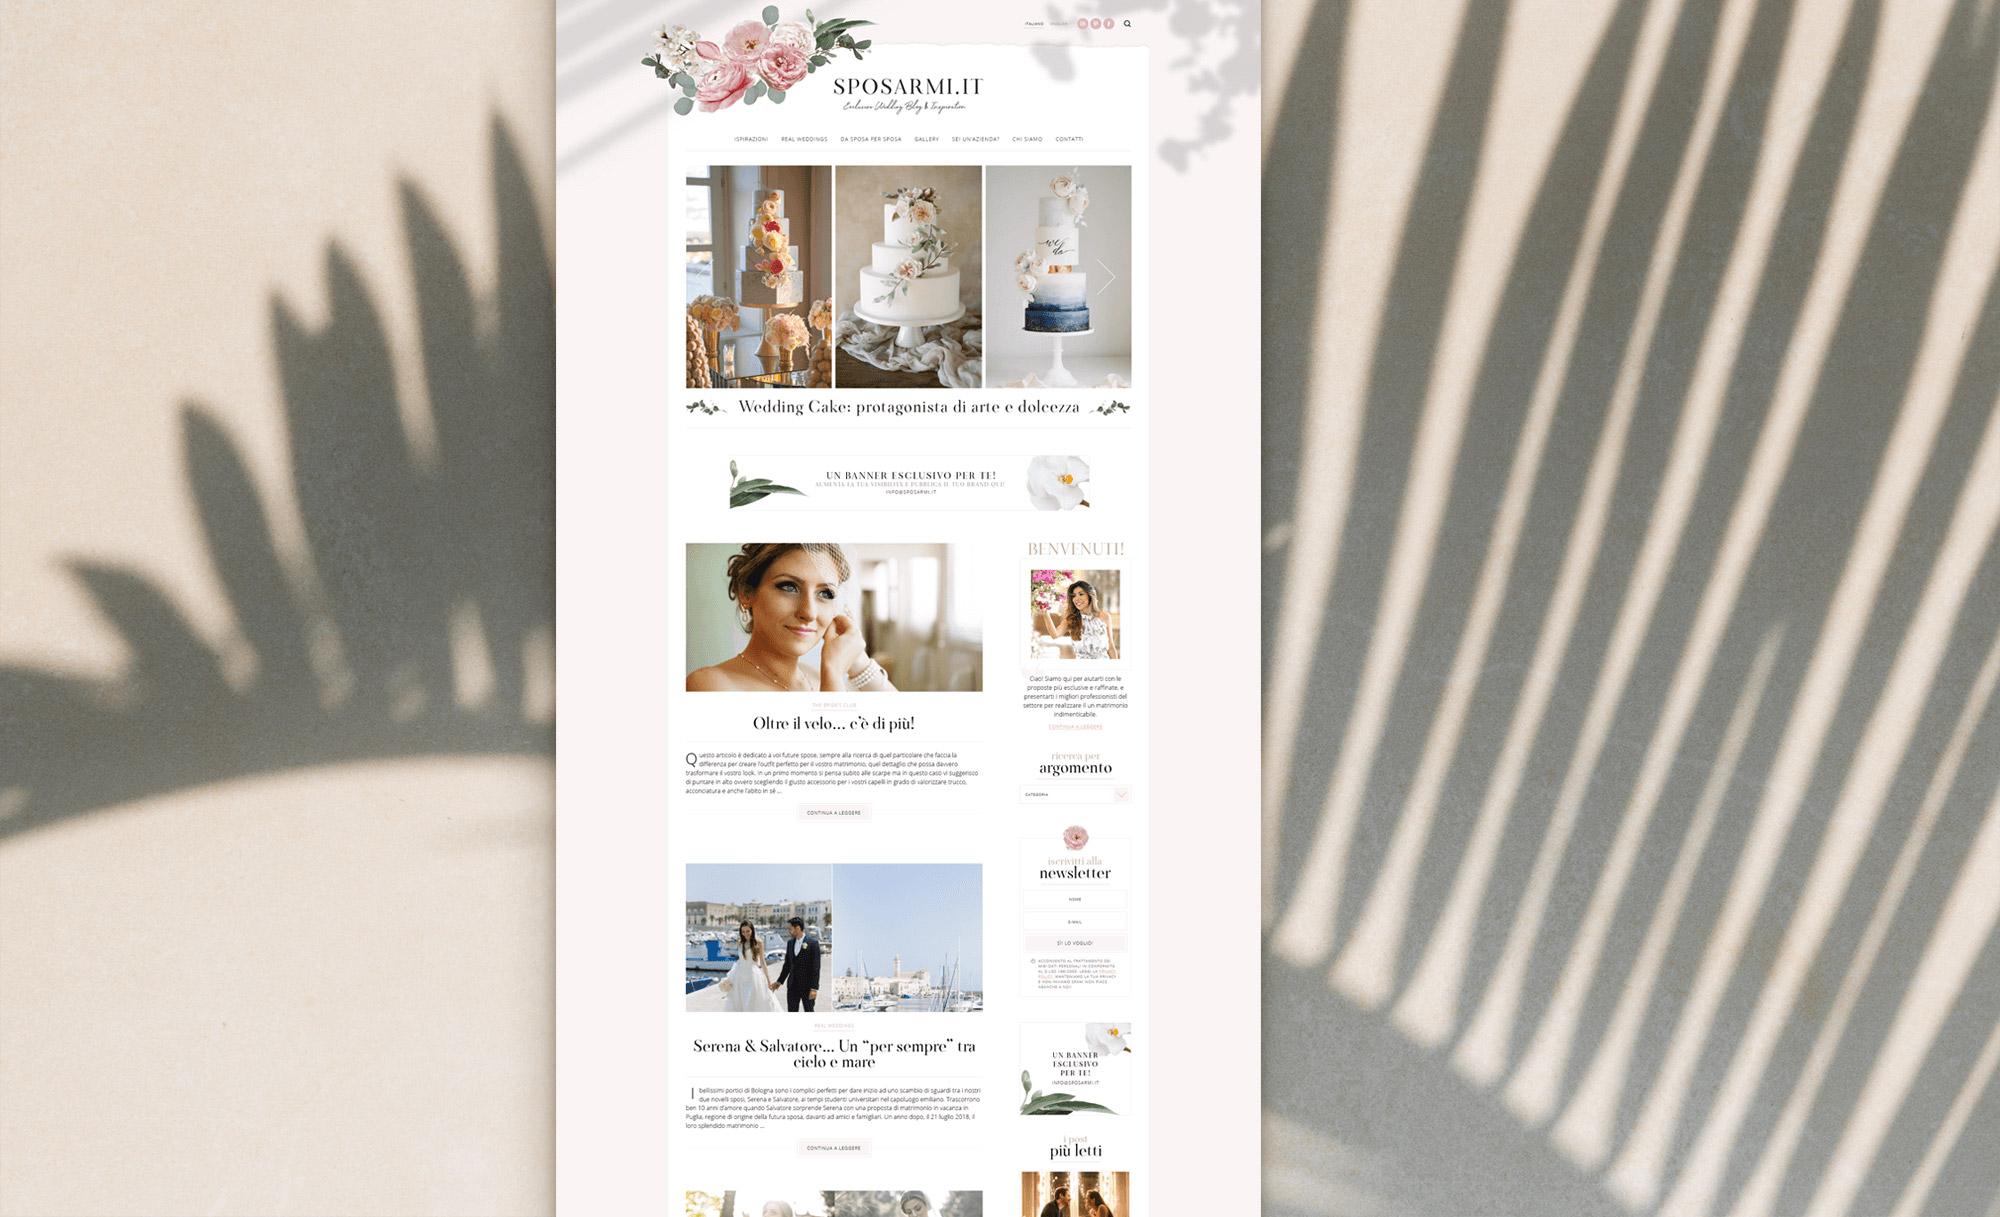 Identidade Visual & Website Layout exclusivos para Sposarmi.it - Design by Adrielly Sato